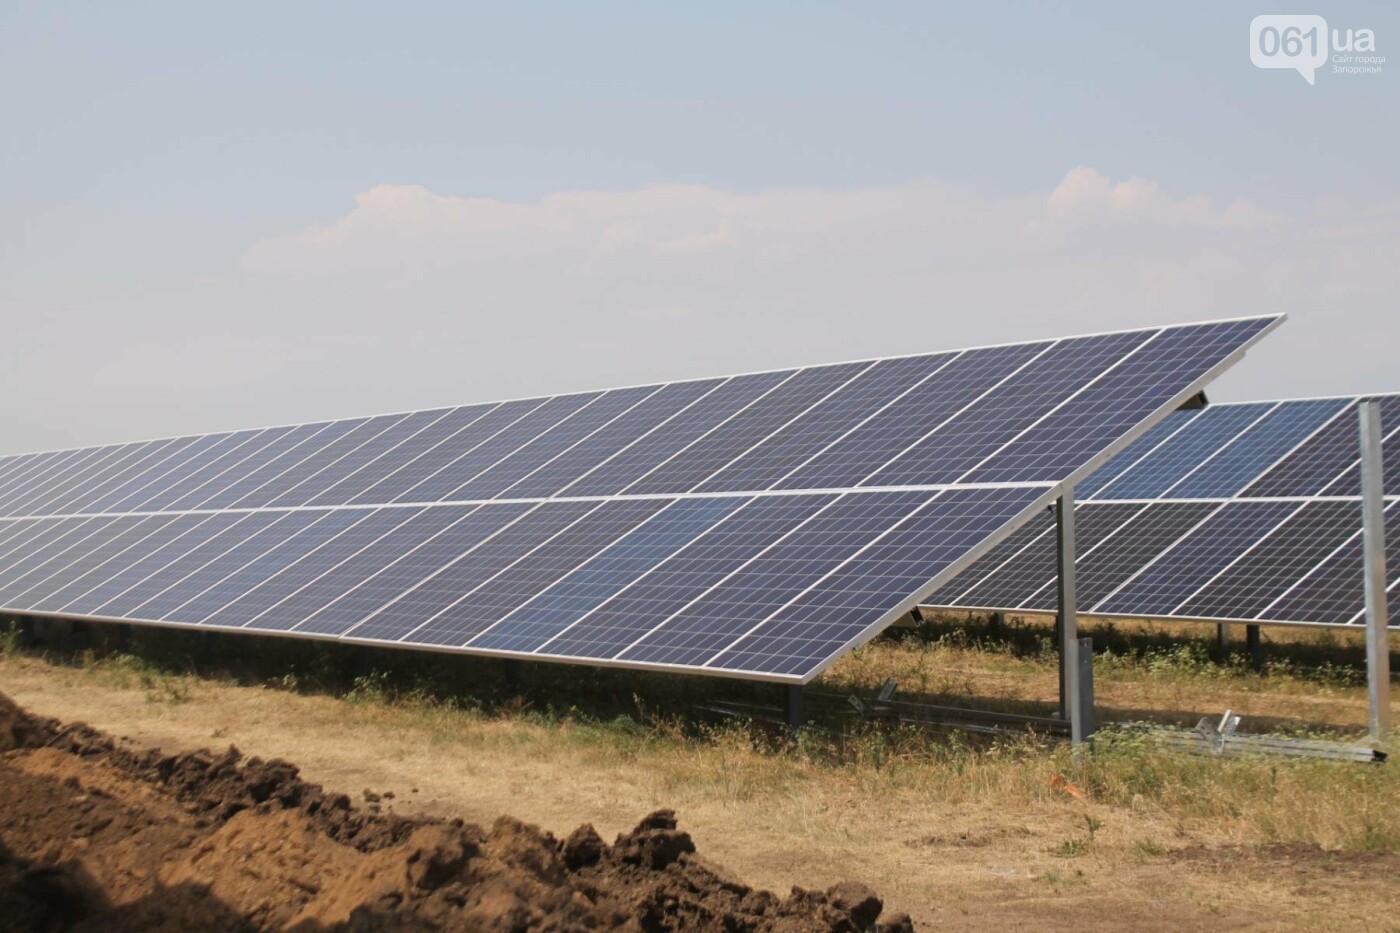 Как в Запорожской области работает крупнейшая в Украине солнечная станция: экскурсия на производство, — ФОТОРЕПОРТАЖ, фото-56